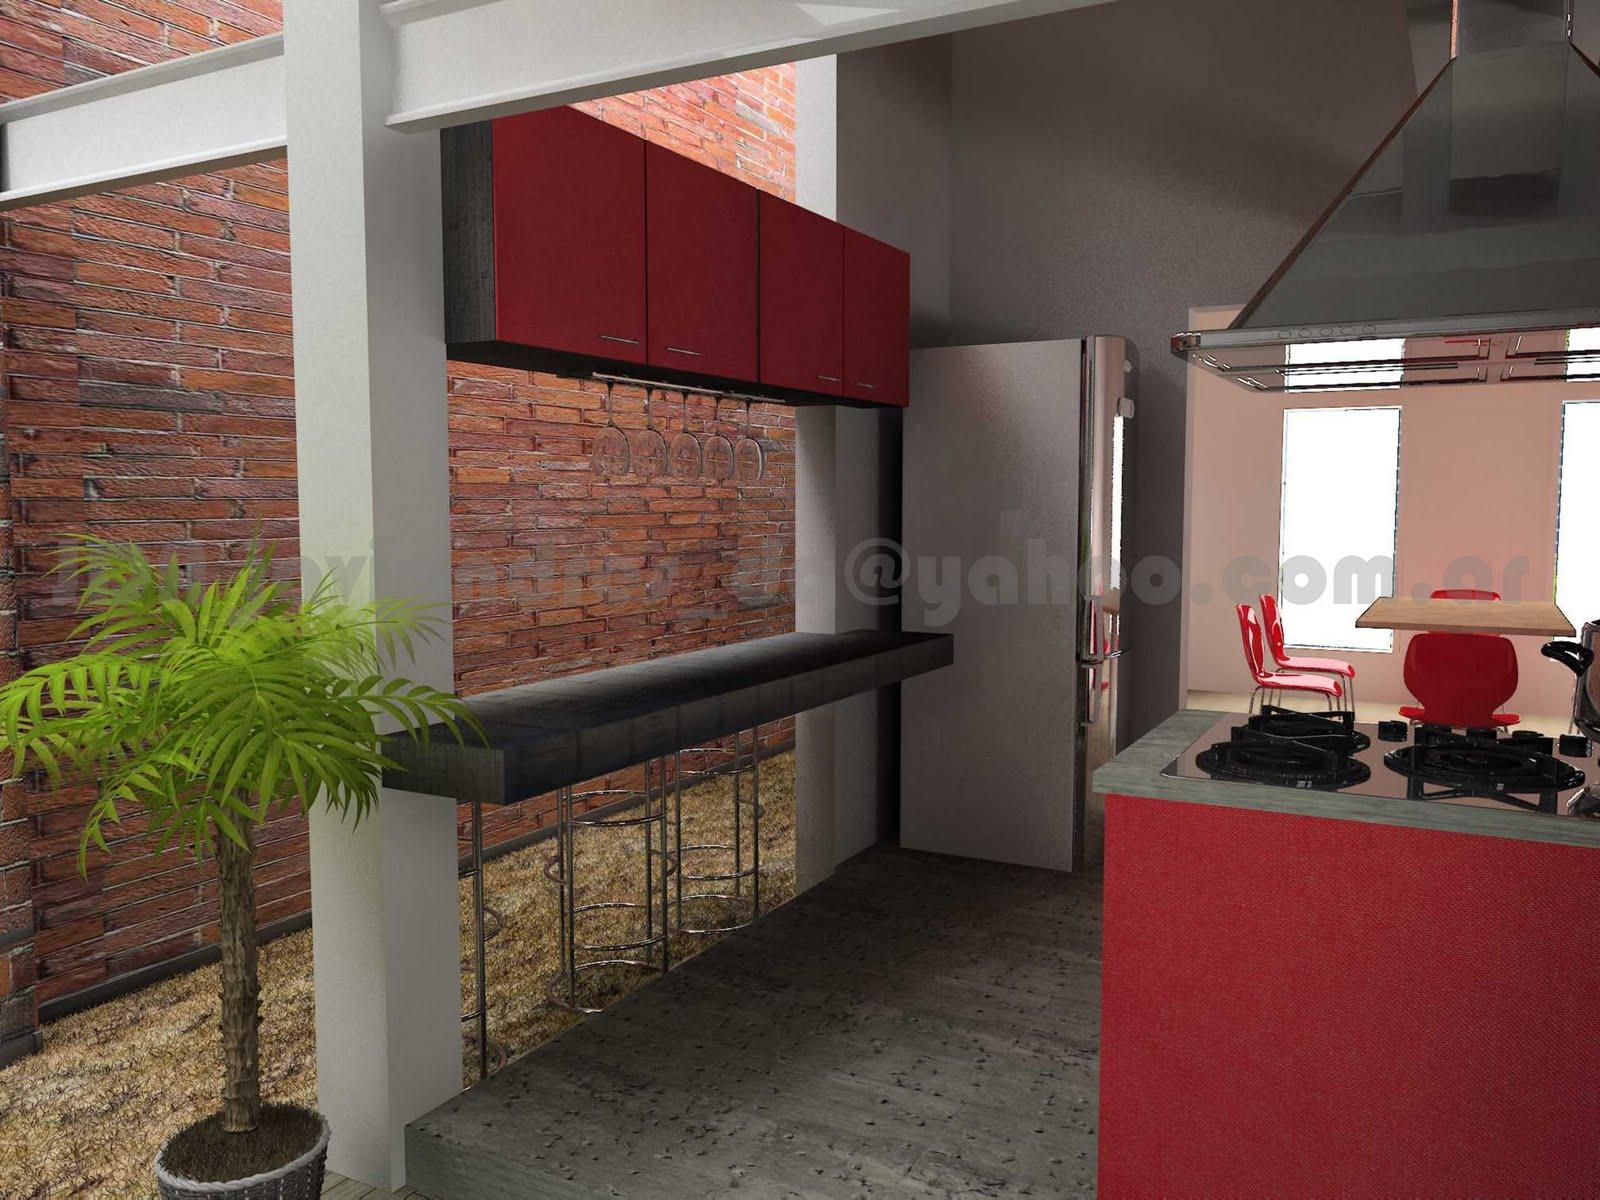 arquitec-maquetas: Remodelación 3d: Casa Chorizo en Baires.